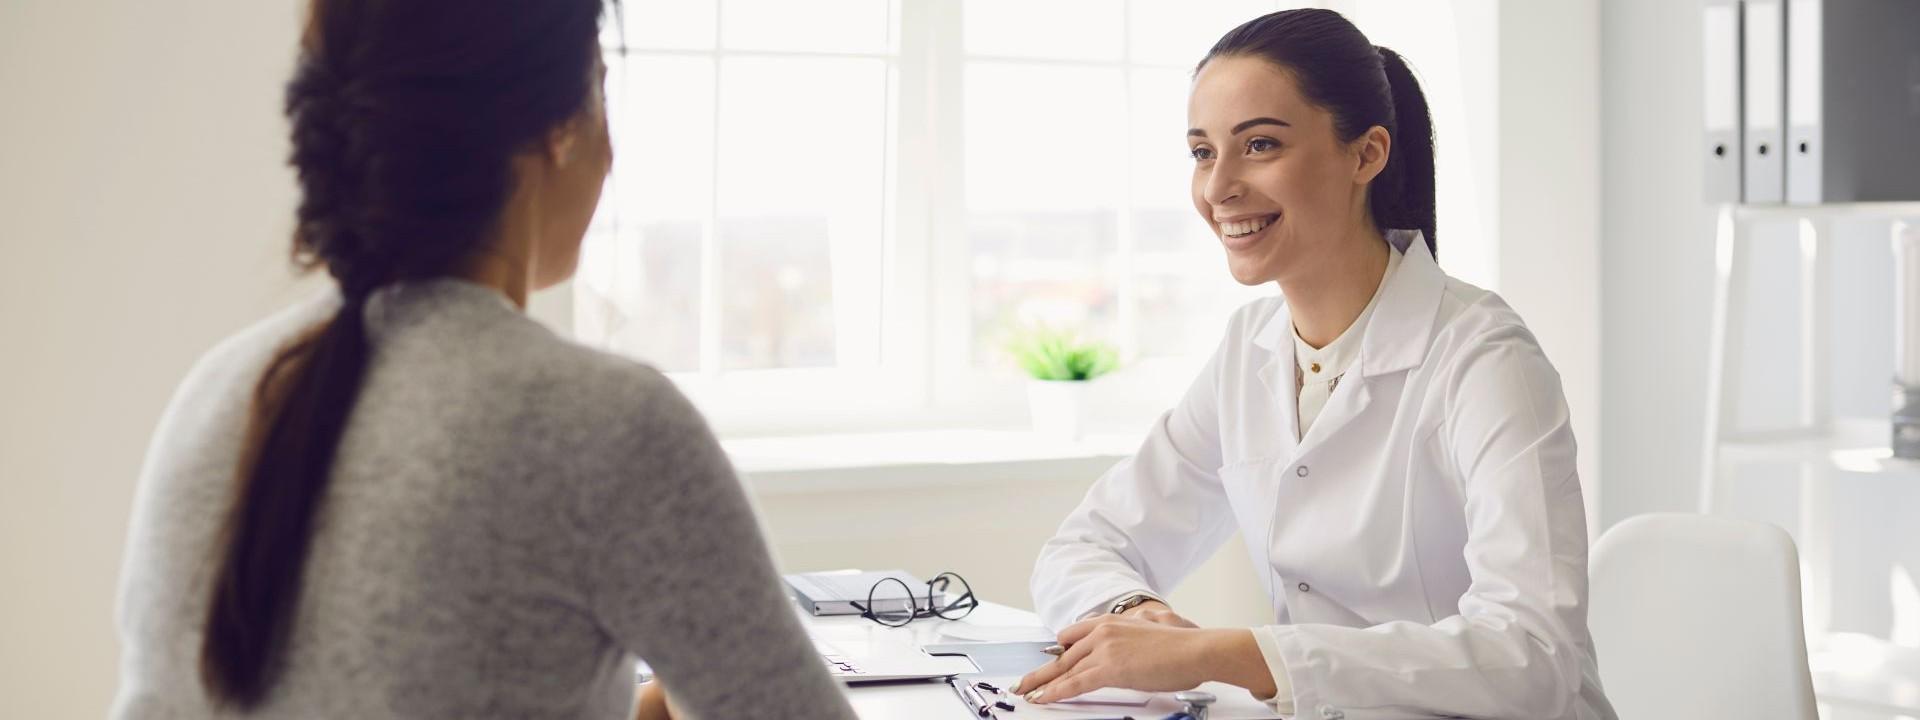 Eine etwa 35-jährige Ärztin sitzt in einem Behandlungszimmer und berät eine Frau.